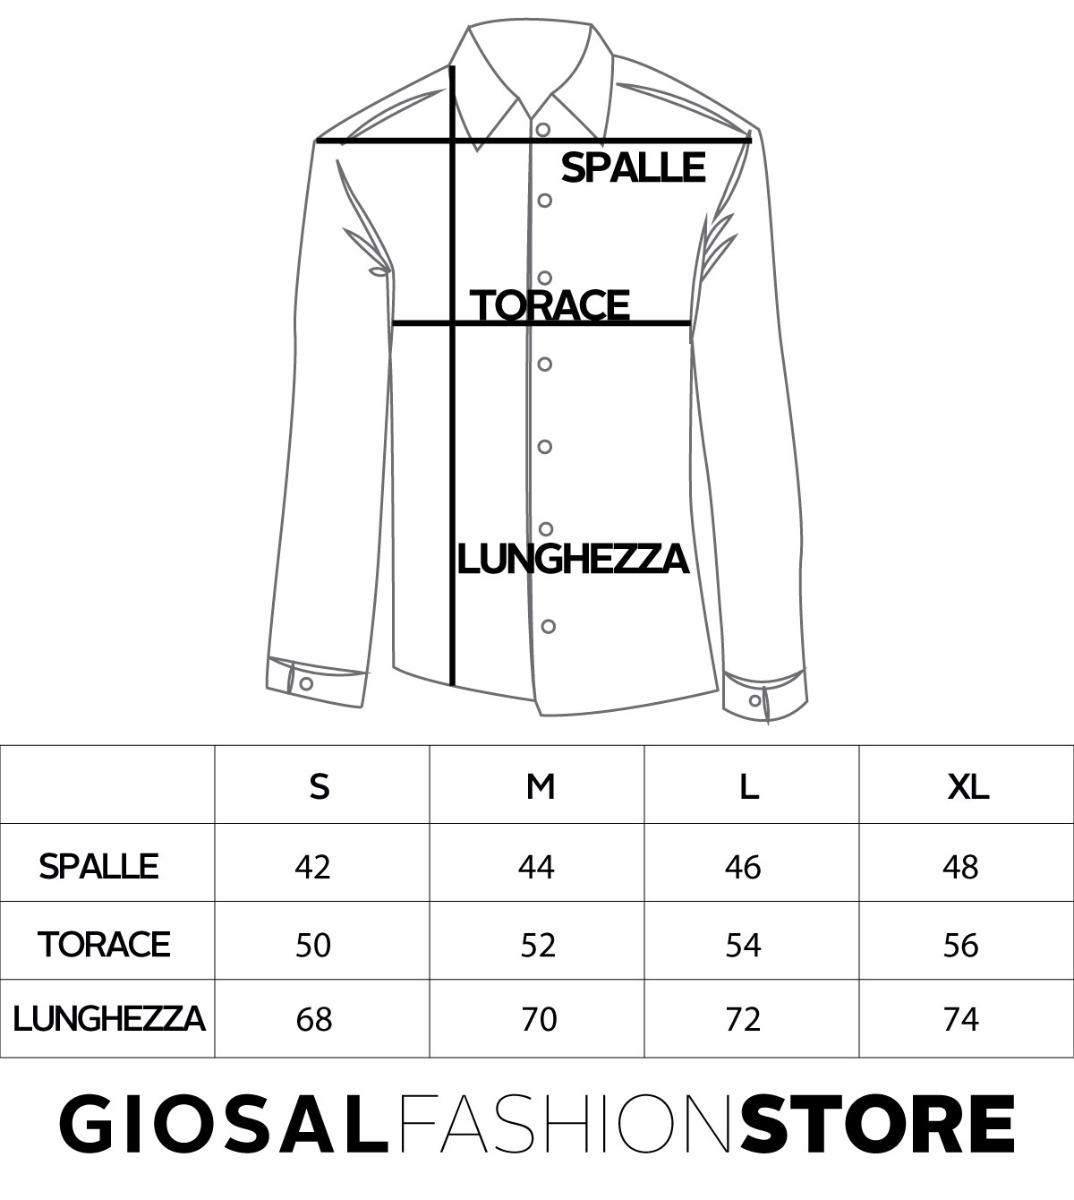 Camicia-Uomo-Lino-Maniche-Lunghe-Colletto-Tinta-Unita-Beige-GIOSAL miniatura 9